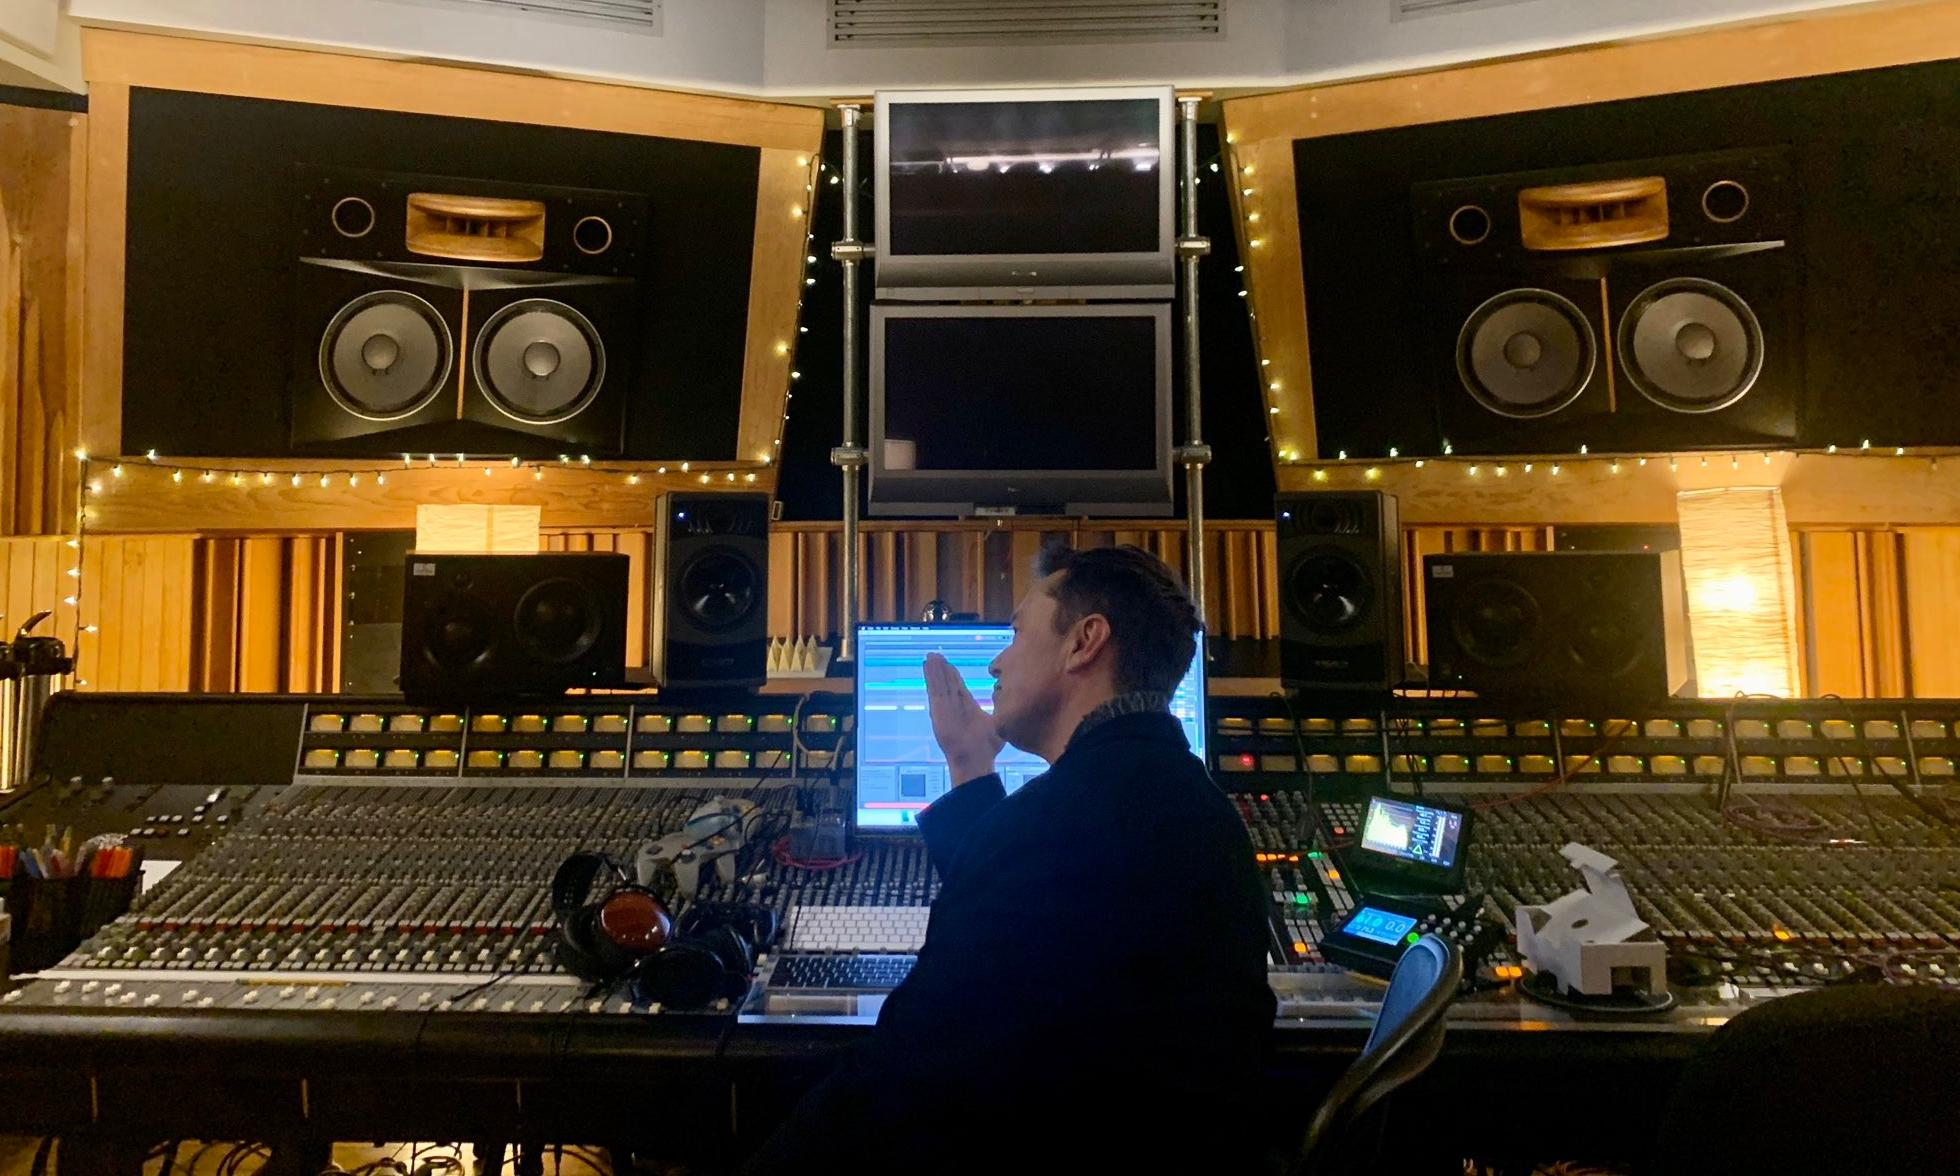 特斯拉创始人 Elon Musk 发布第二首原创单曲